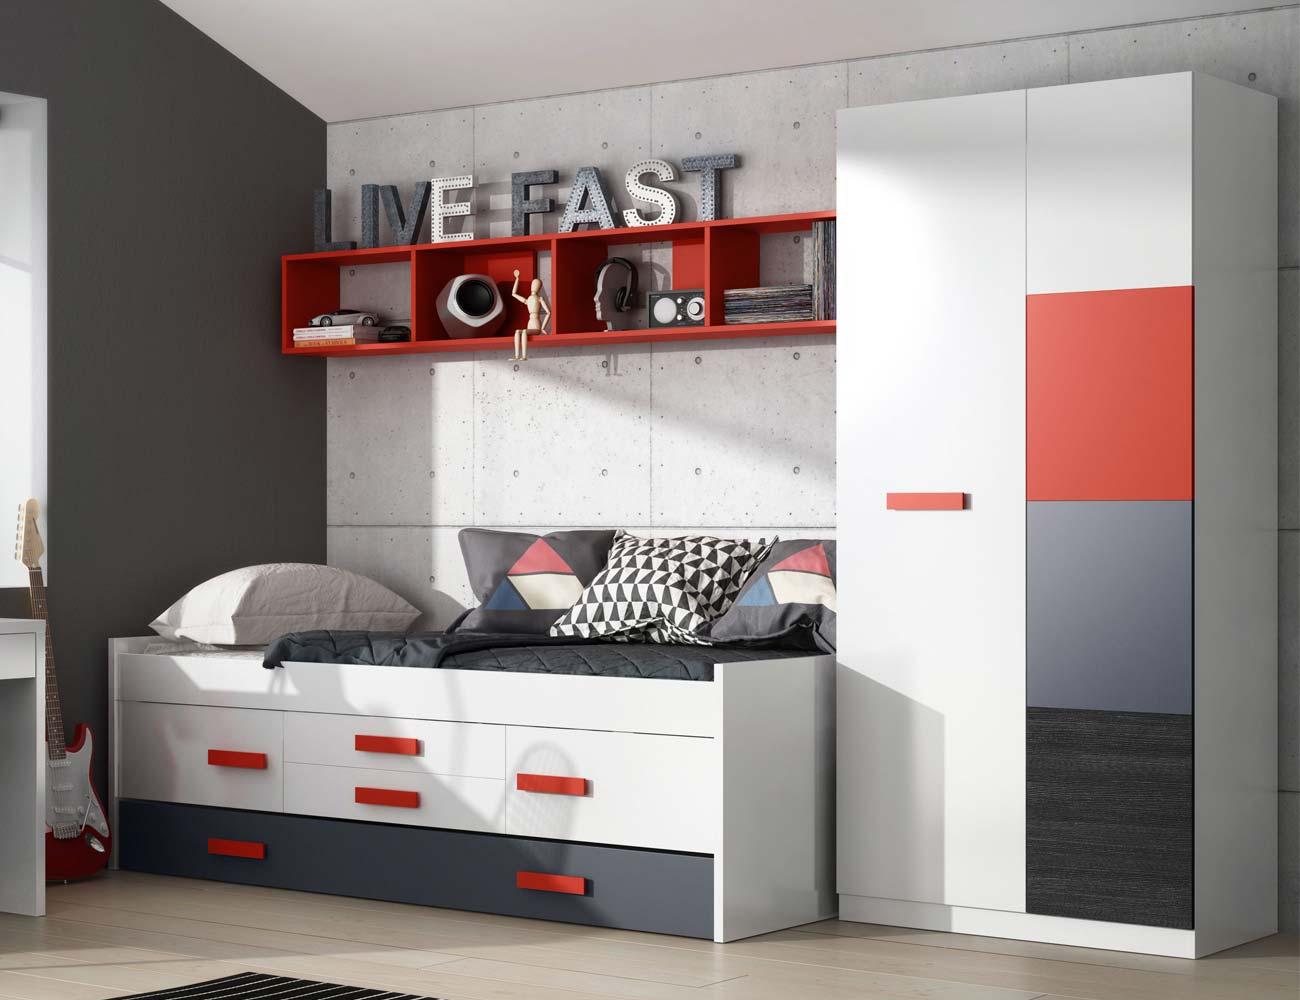 Dormitorio juvenil blanco rojo armario 21